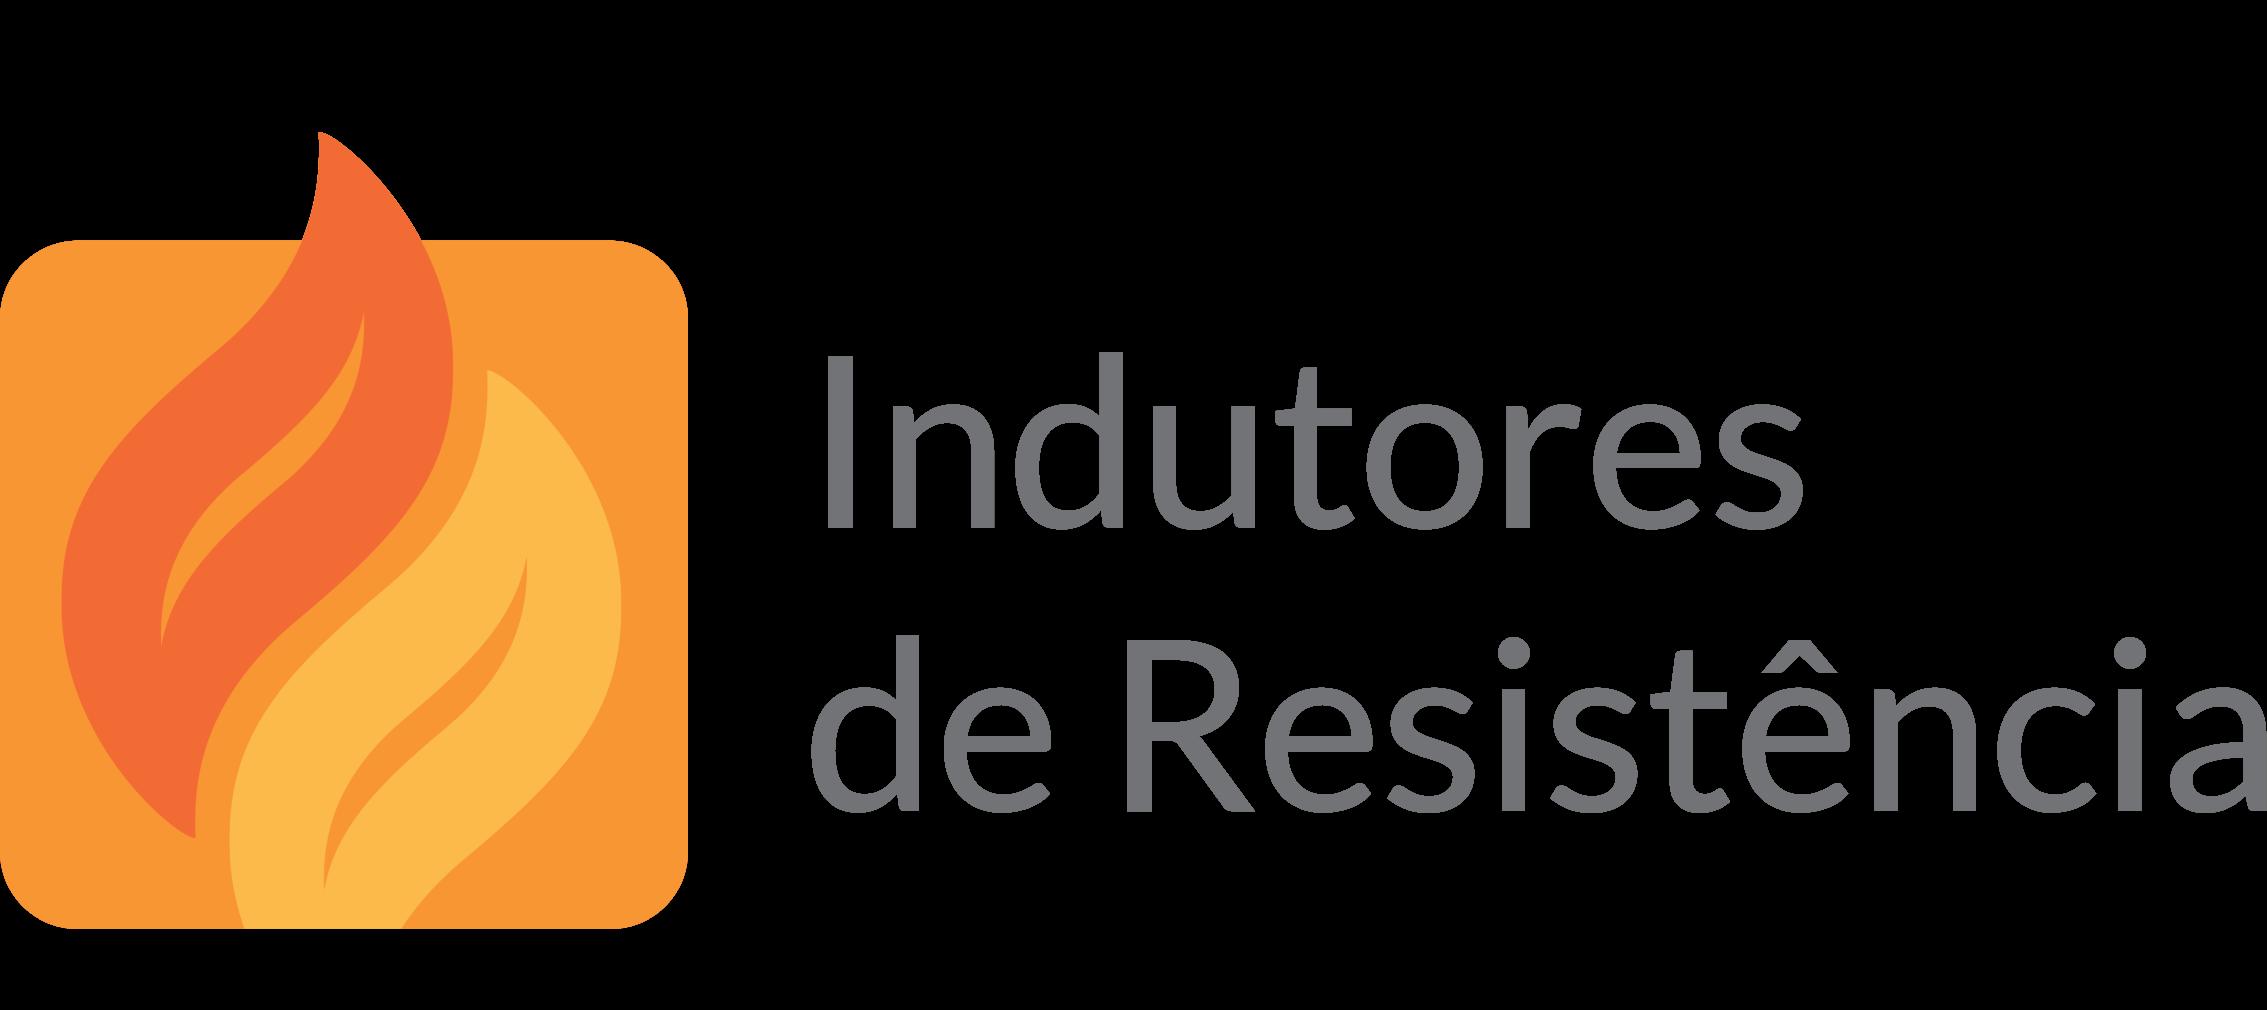 Icone da Categoria - Indutores de Resistência